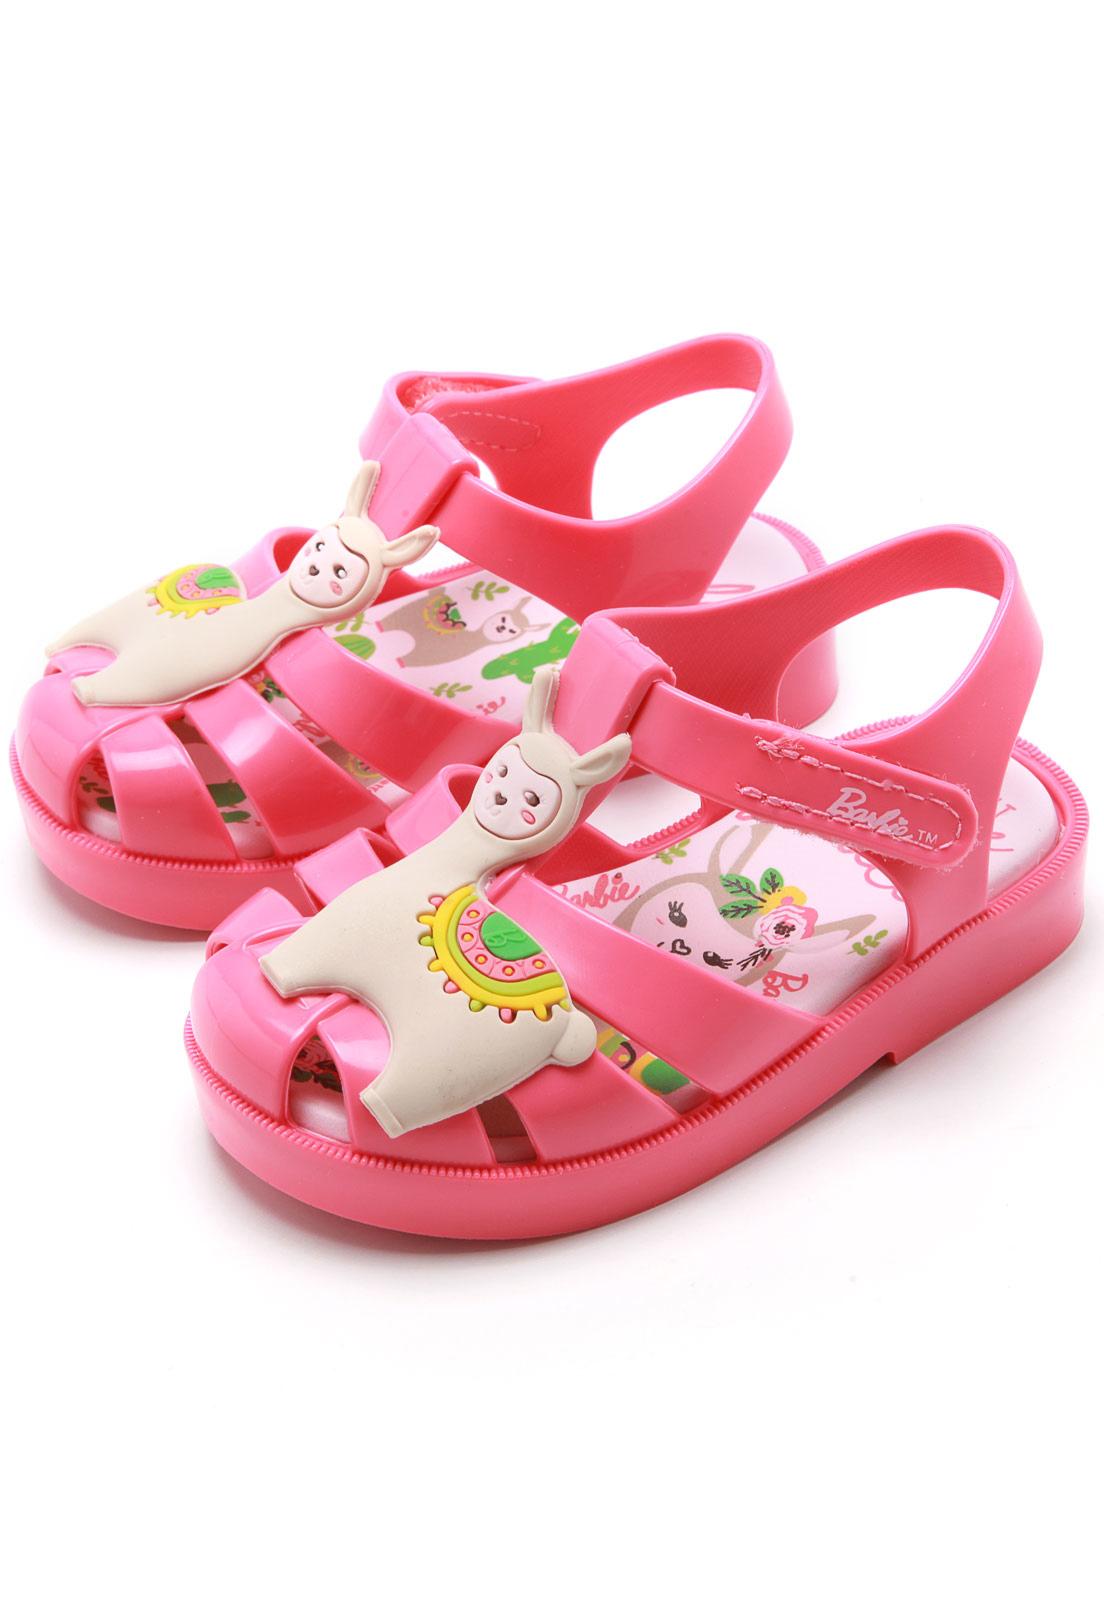 Sandálias menina da Compra, venda e troca de anúncios os